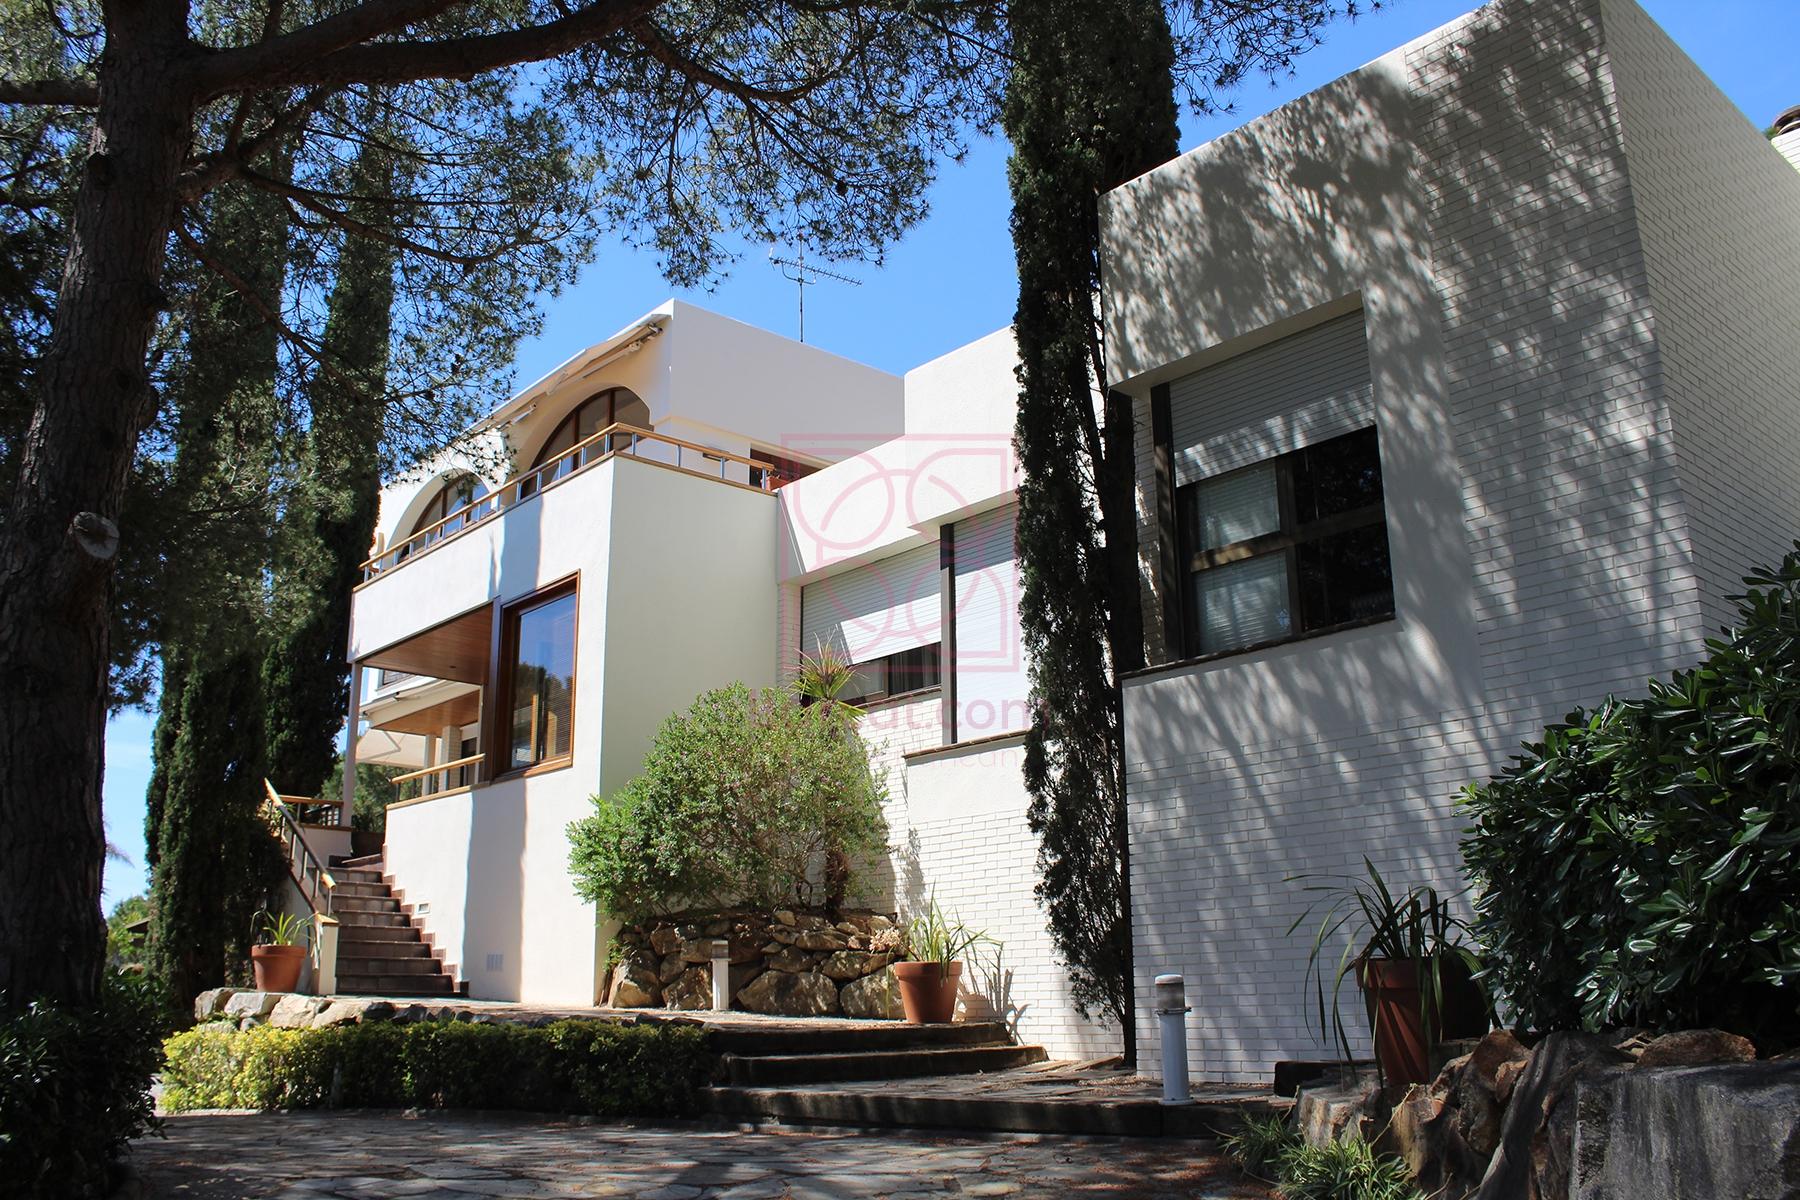 Casa en Cabrera de mar. Para una gran familia | House in Cabrera de sea. For a large family